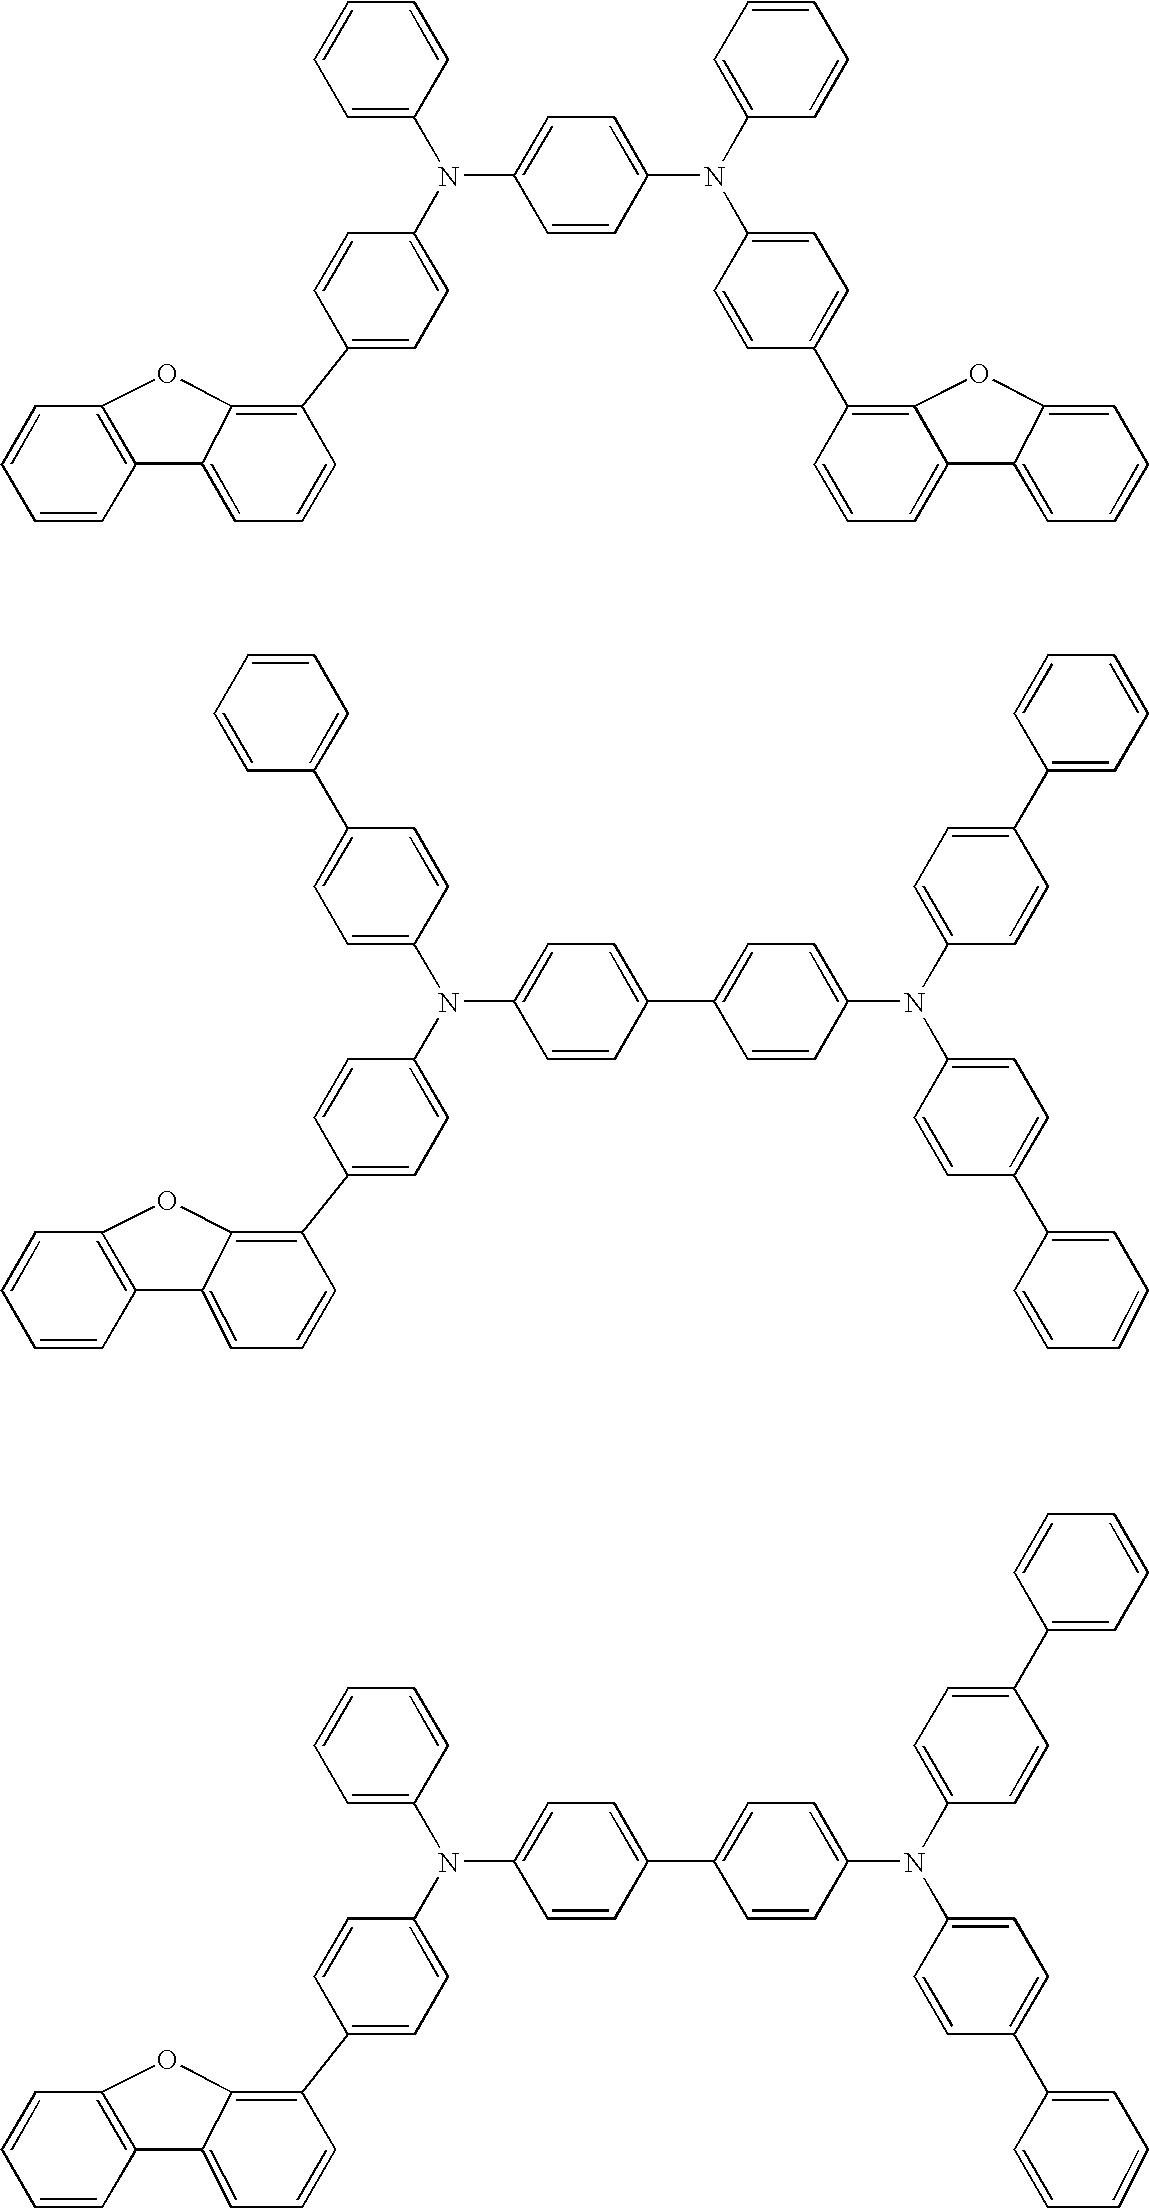 Figure US20070278938A1-20071206-C00013